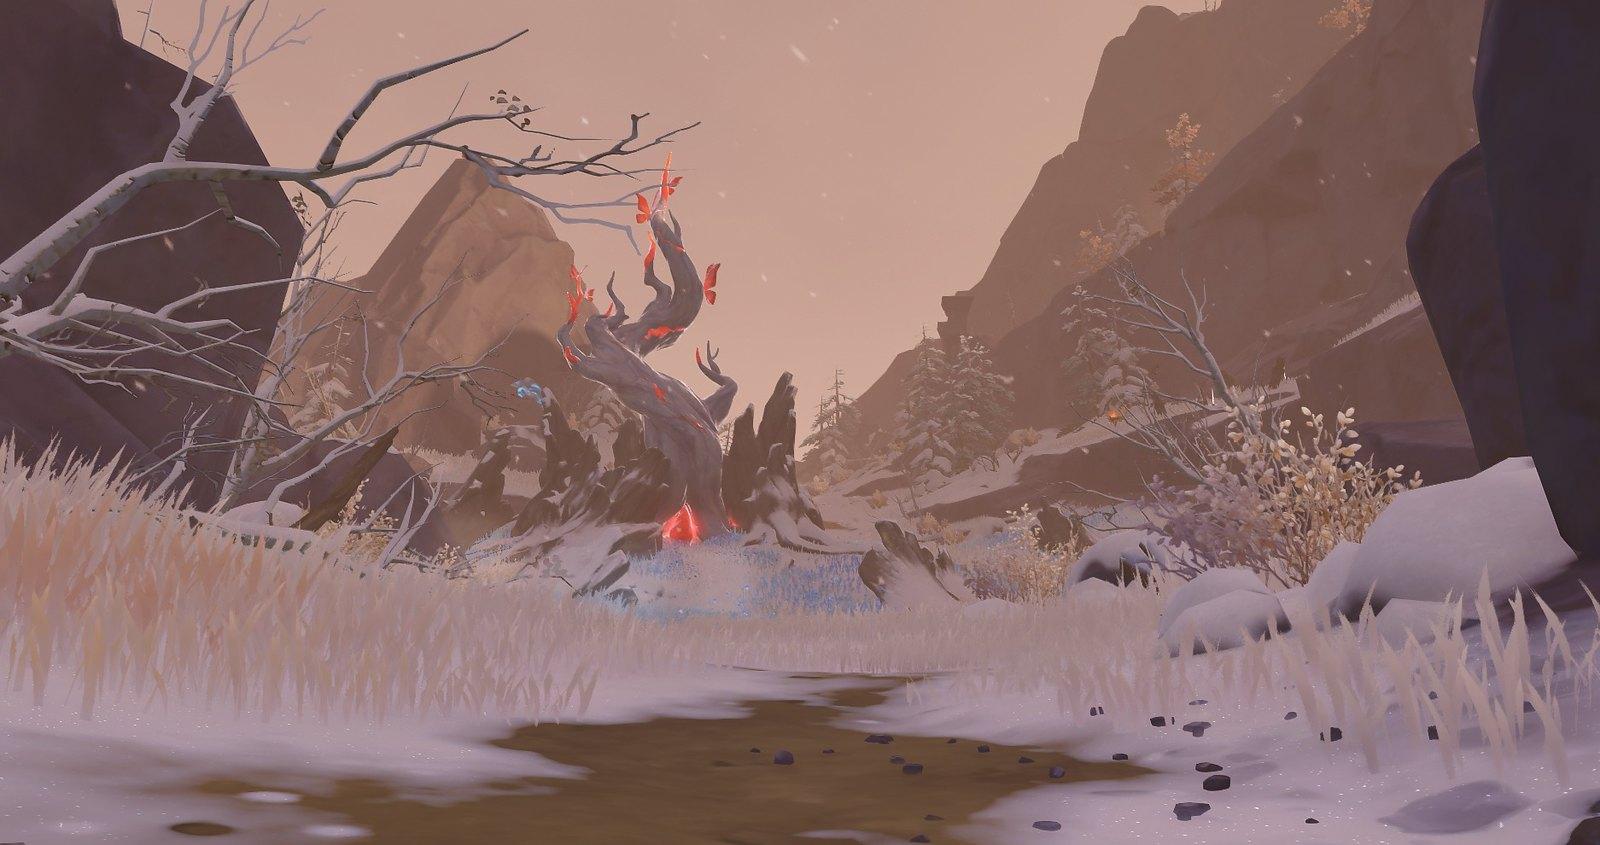 Genshin Impact Parche 1.2 Trae Nuevos Personajes y Una Nueva Área Este Diciembre